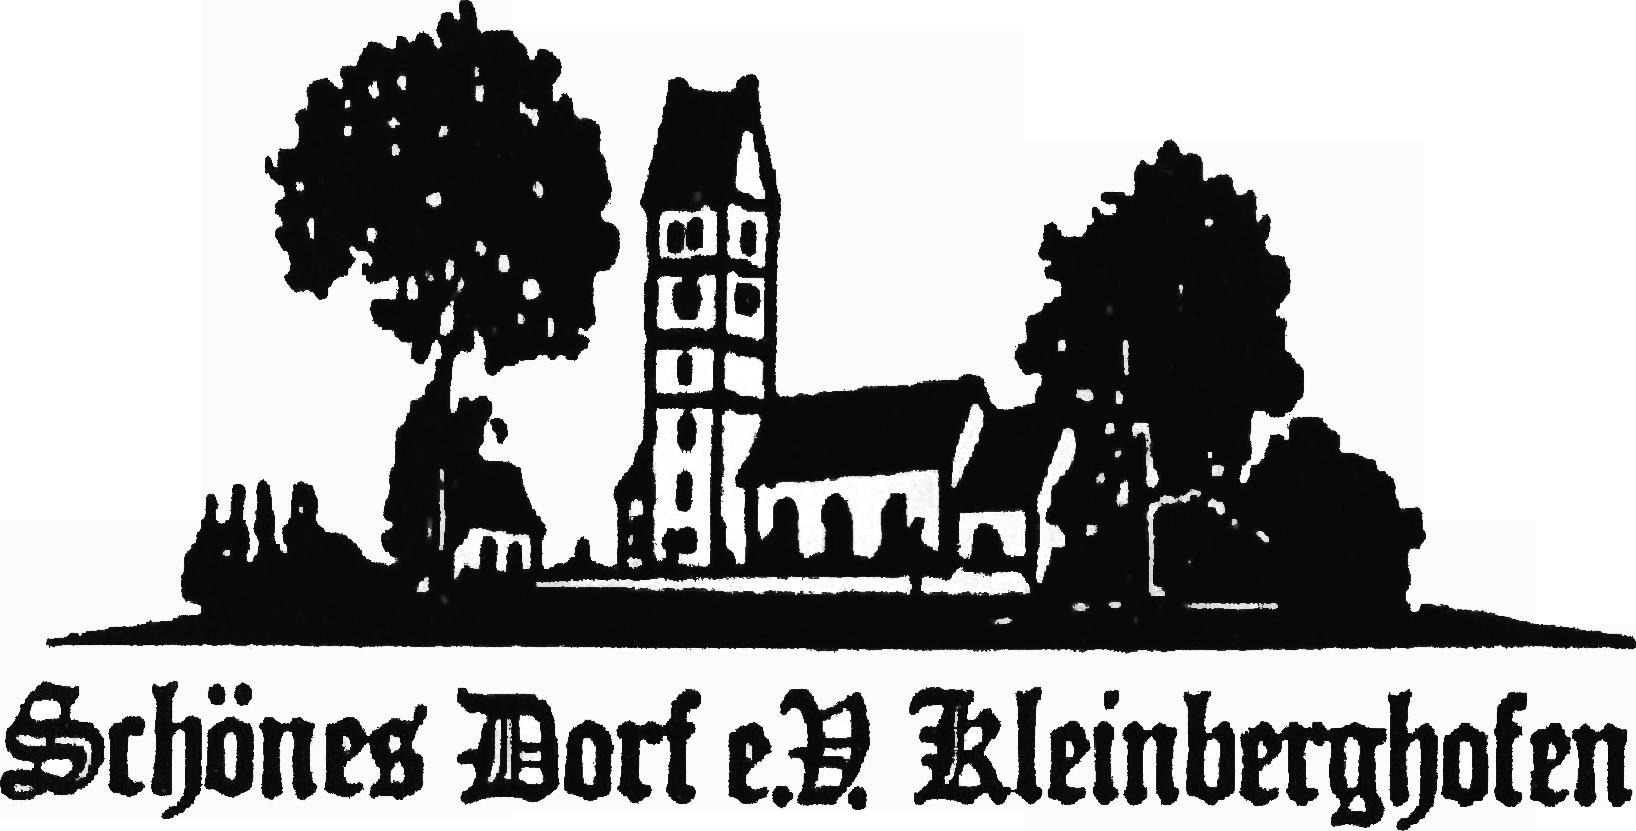 Schönes Dorf e. V. Verein für Gartenbau und Landschaftspflege Kleinberghofen